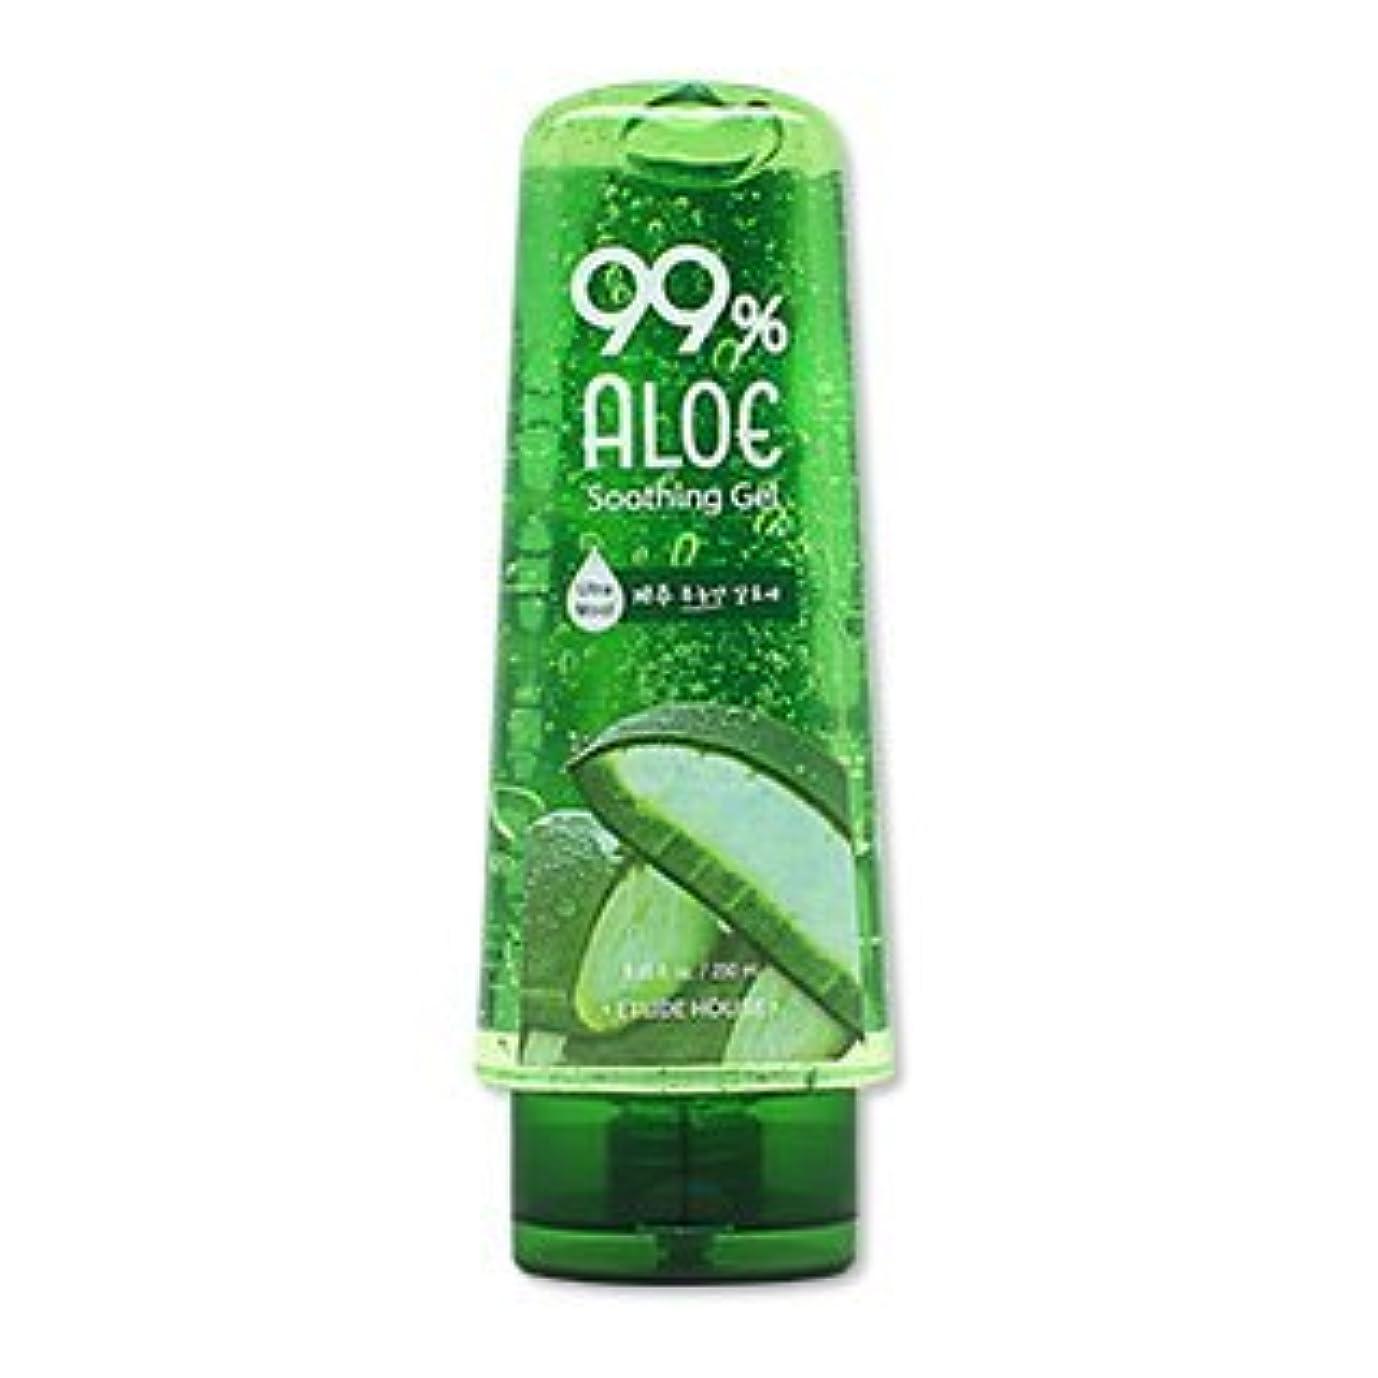 クロール検出可能櫛ETUDE HOUSE 99% Aloe Soothing Gel 250ml/エチュードハウス 99% アロエ スージング ジェル 250ml